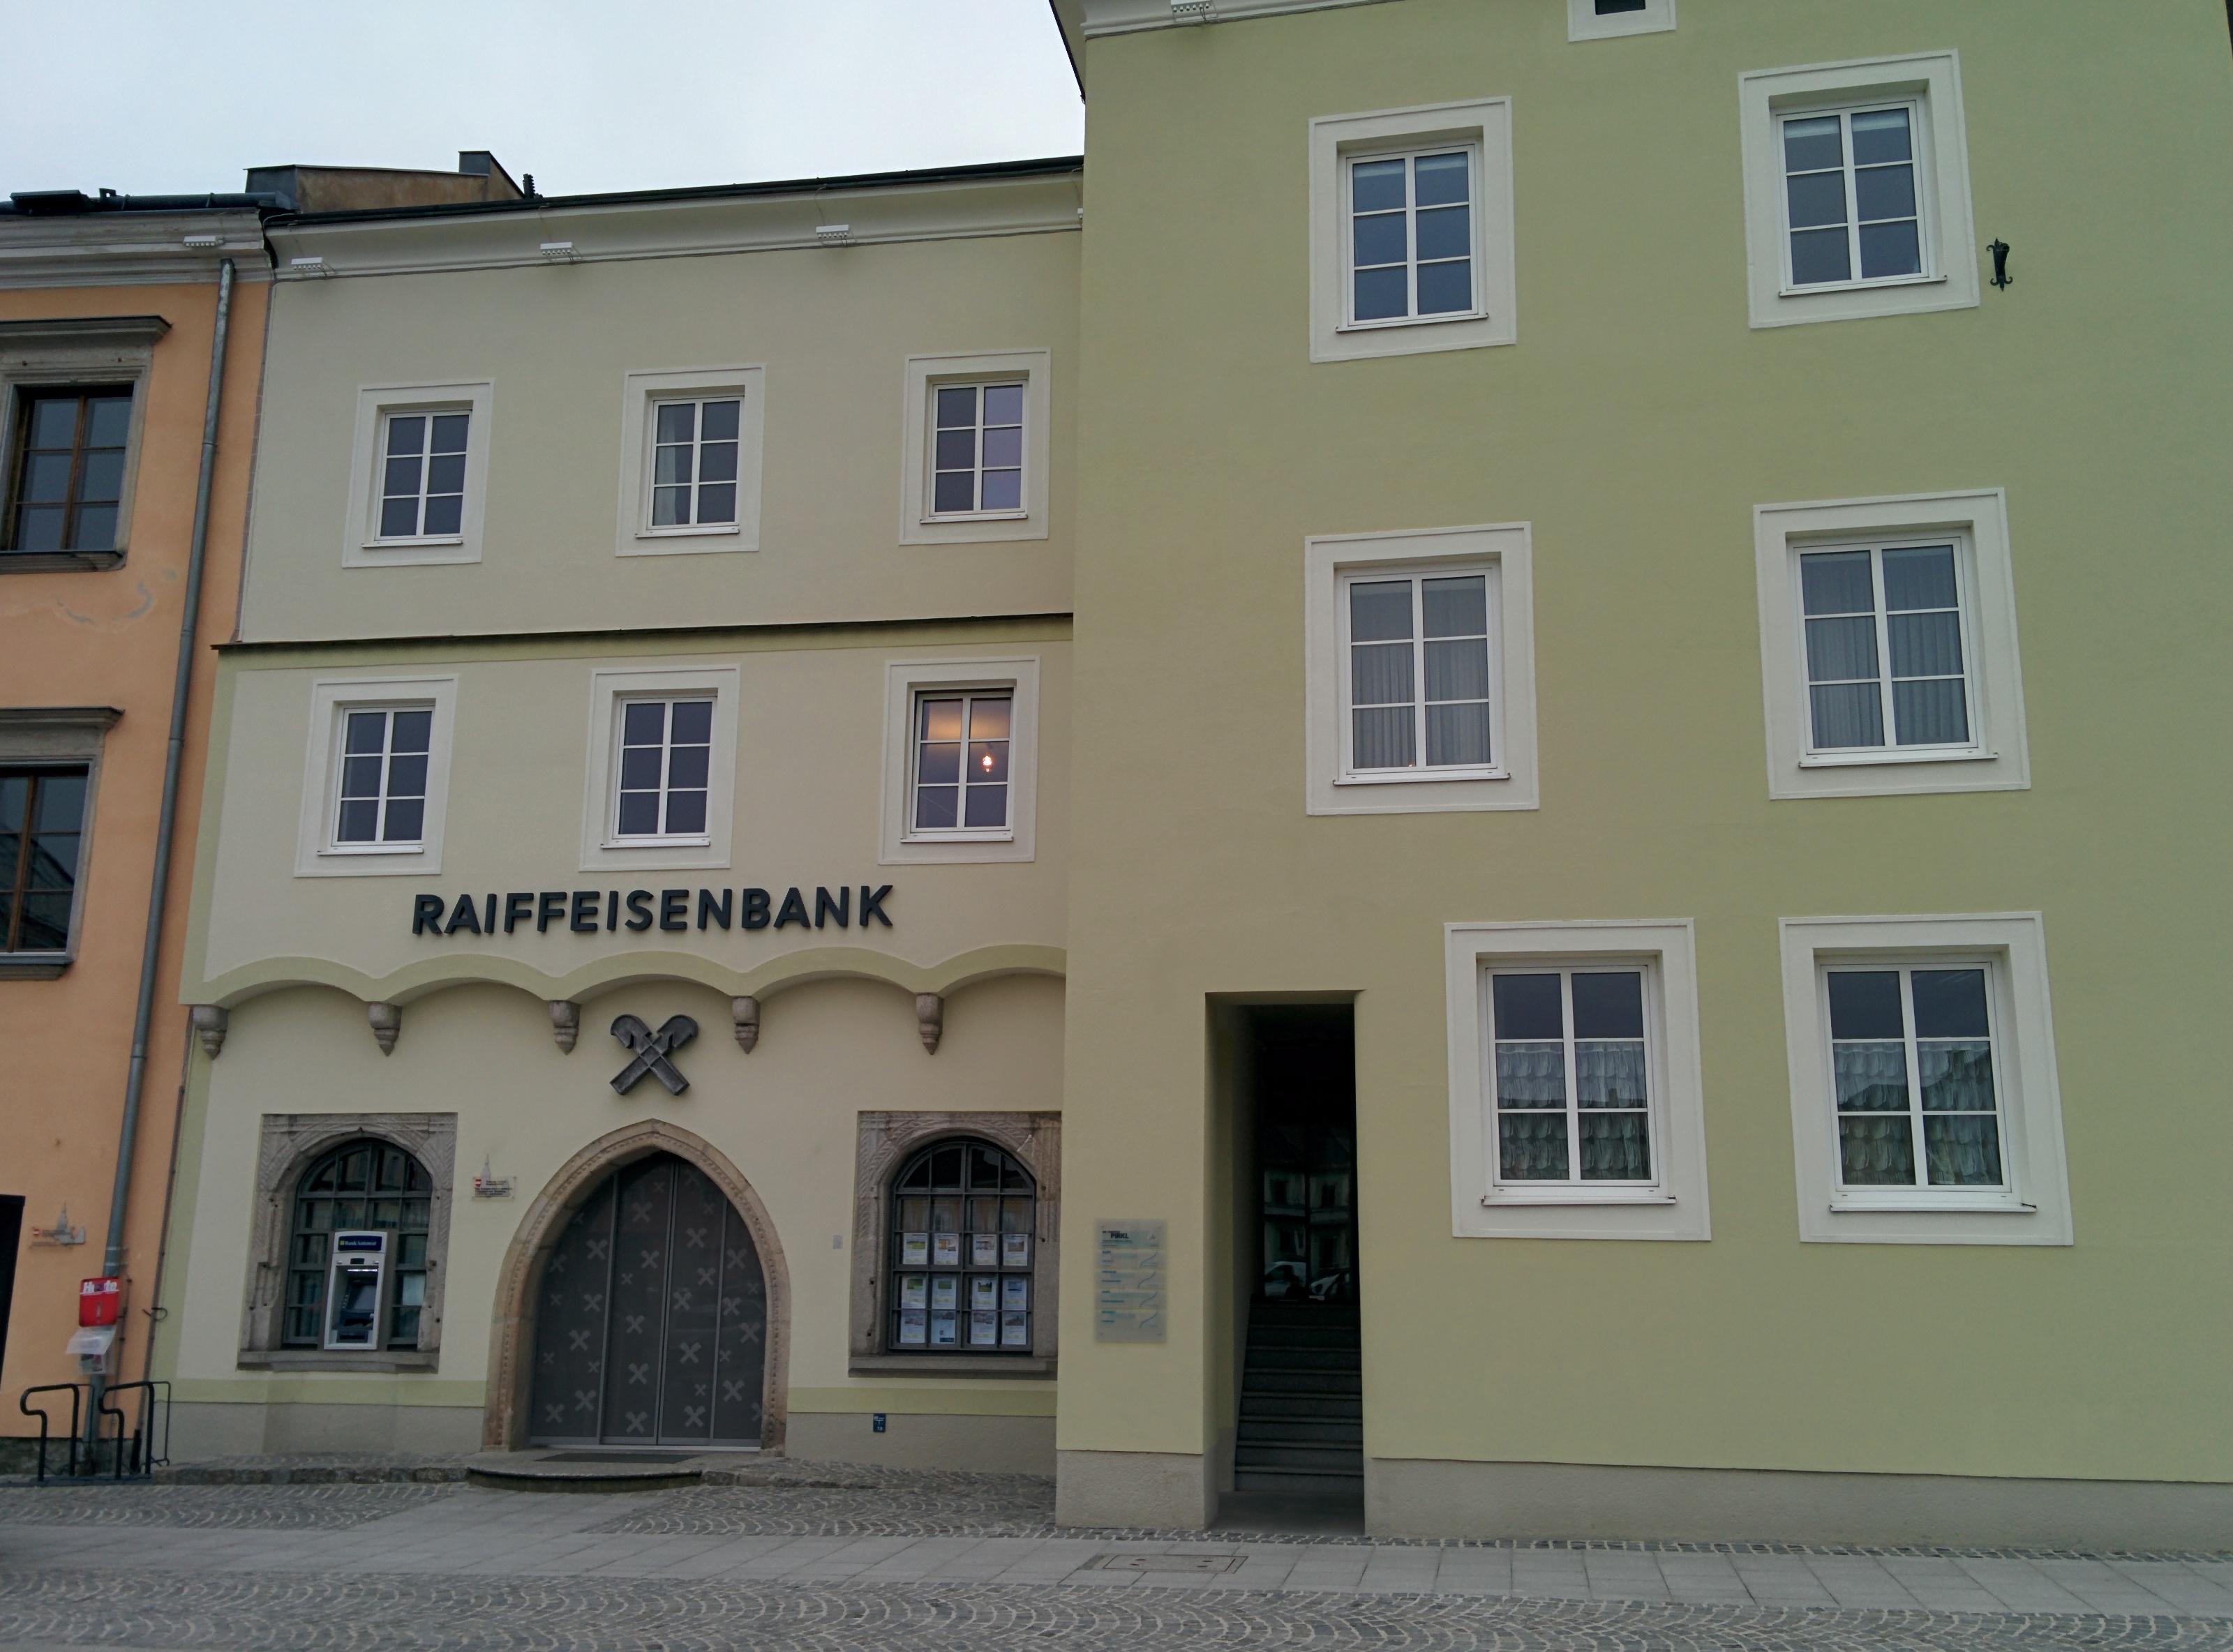 Raiffeisenbank Region Freistadt reg. Gen. m. b. H. Zws. Hauptplatz